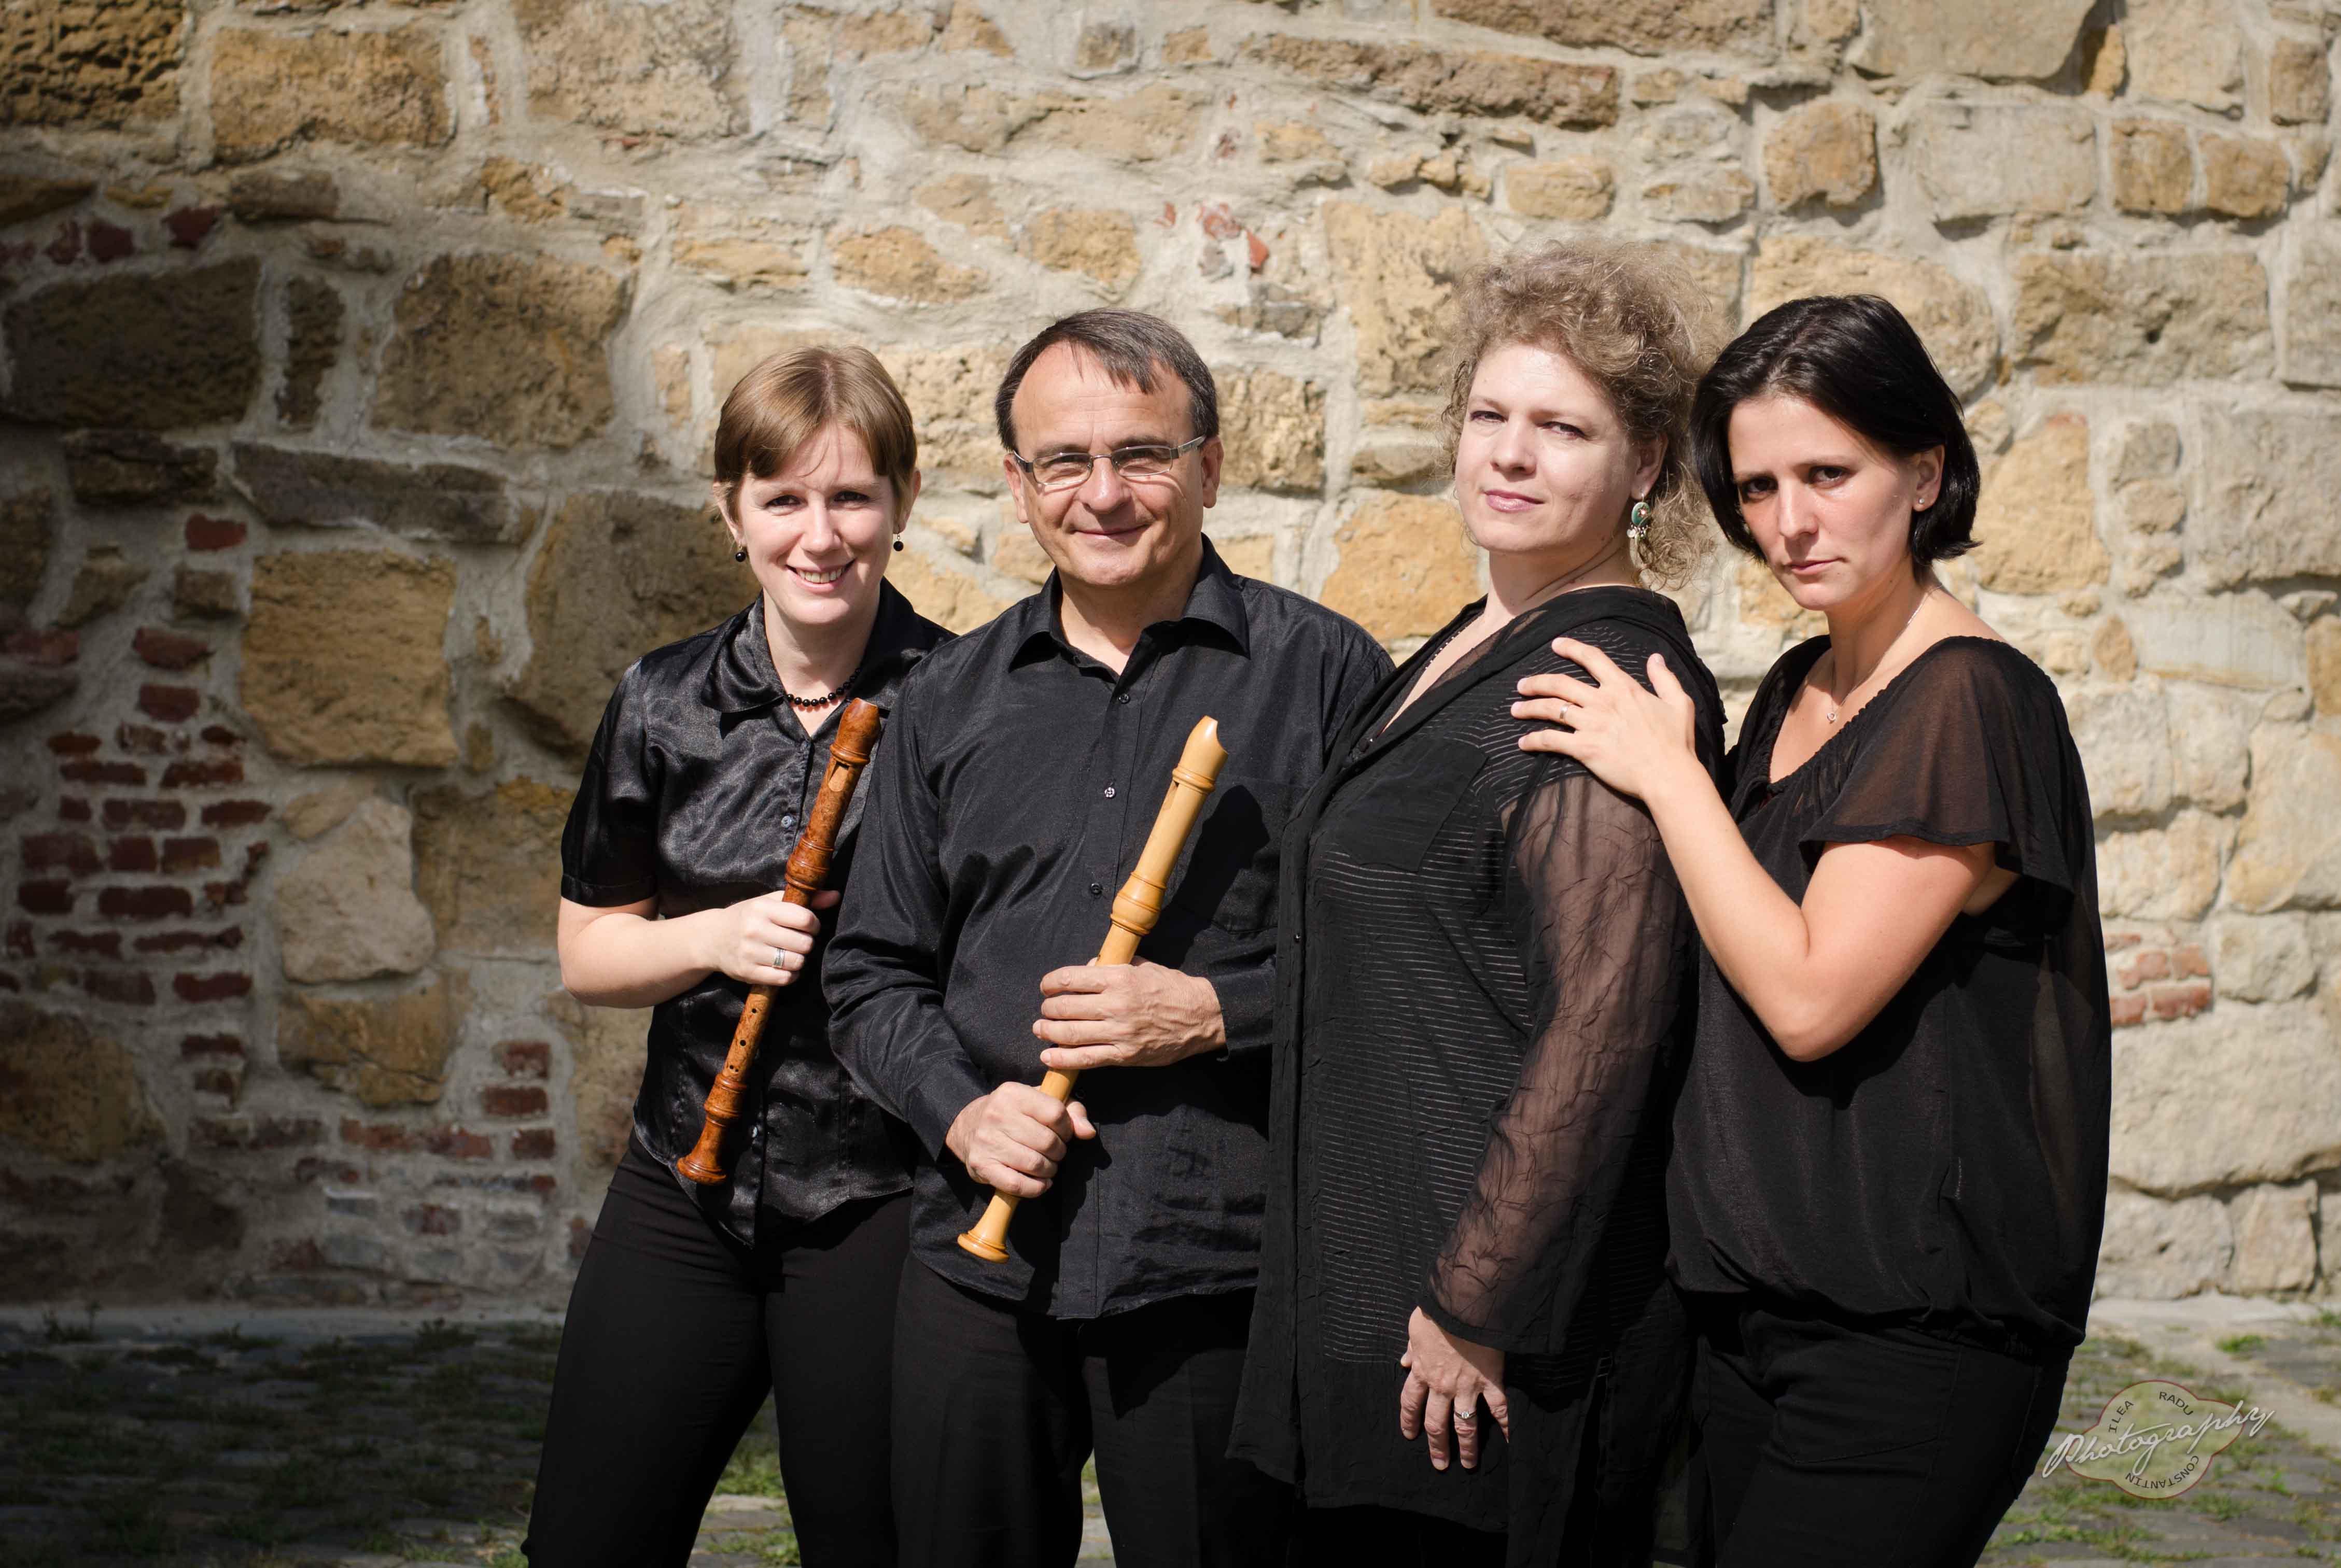 Ansamblul Flauto Dolce în recital la Palatul Sternberg din Viena